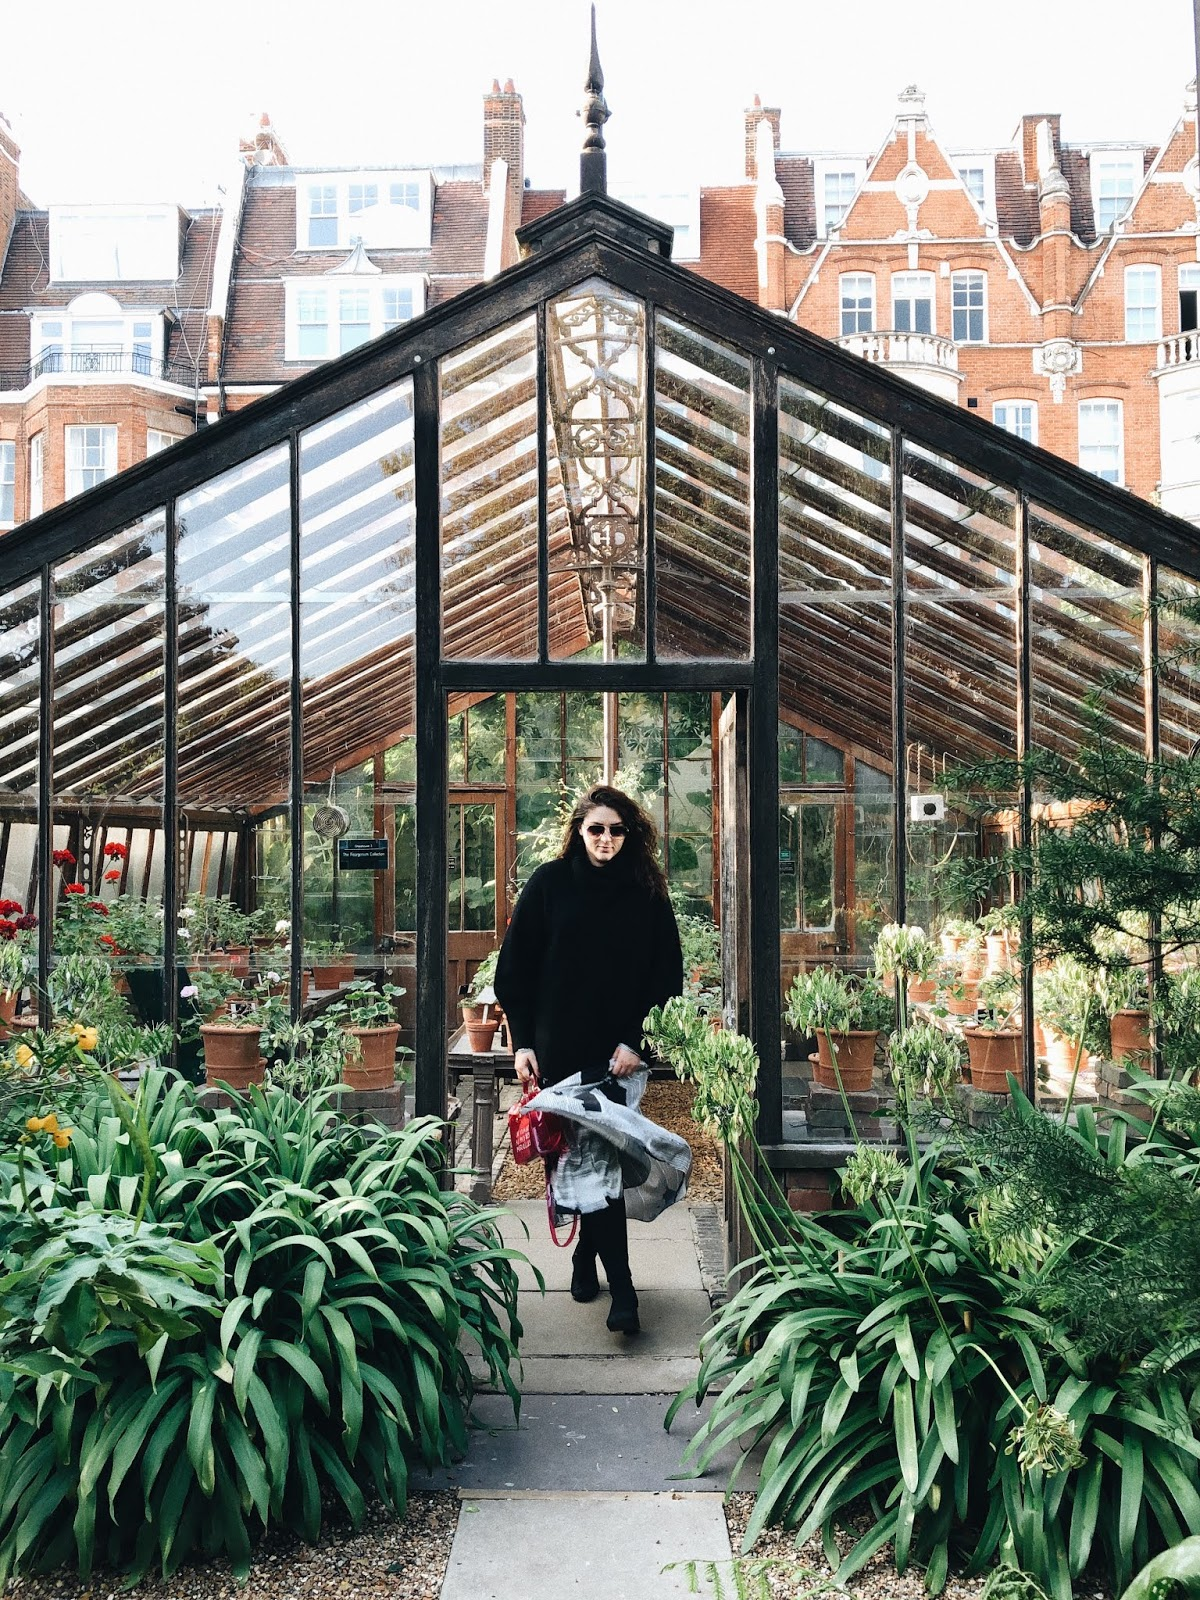 Chelsea Physic Garden botāniskais dārzs Londonā